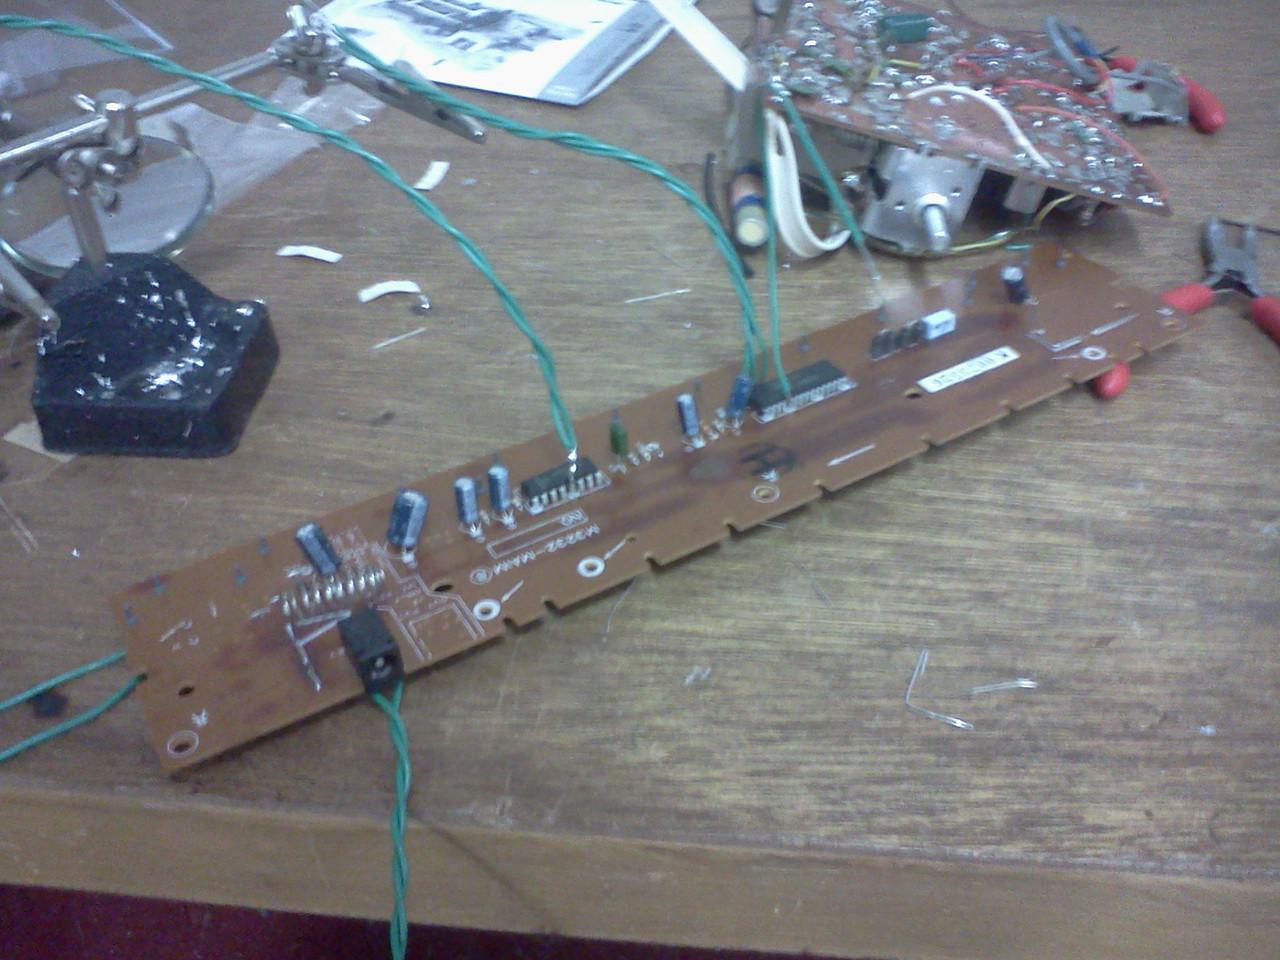 Circuit Bending Casio Keyboard